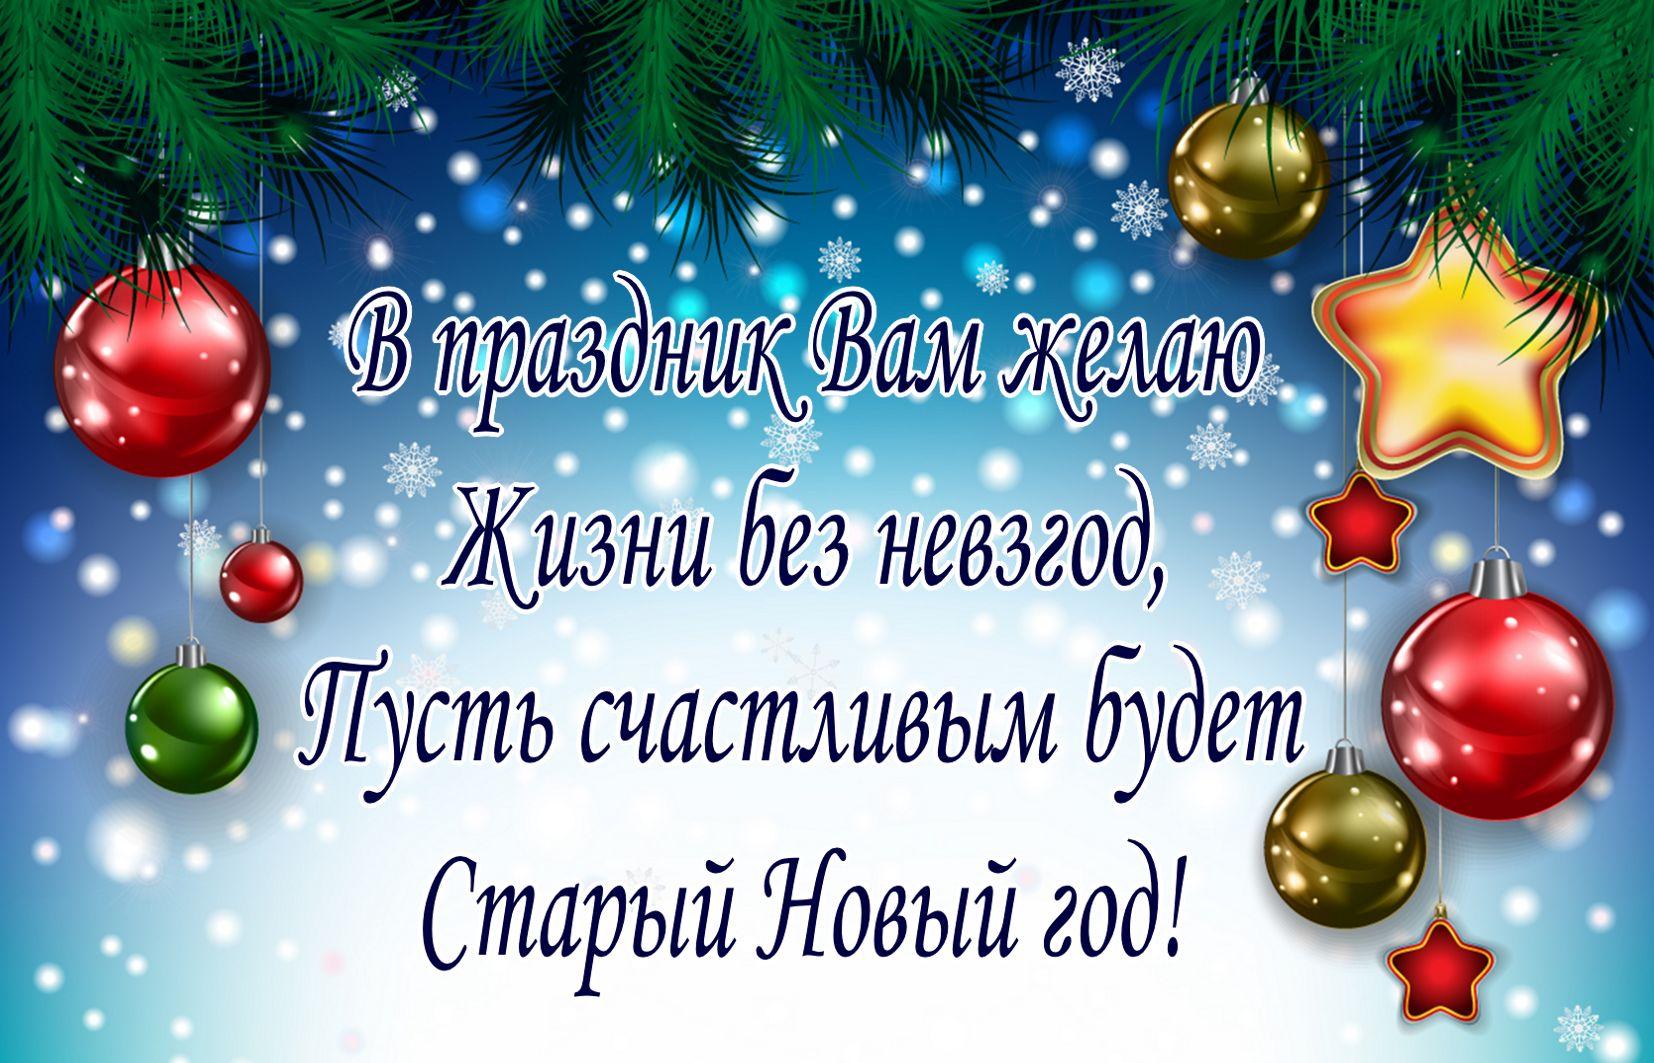 Открытка со Старым Новым годом - пожелание на праздничном фоне